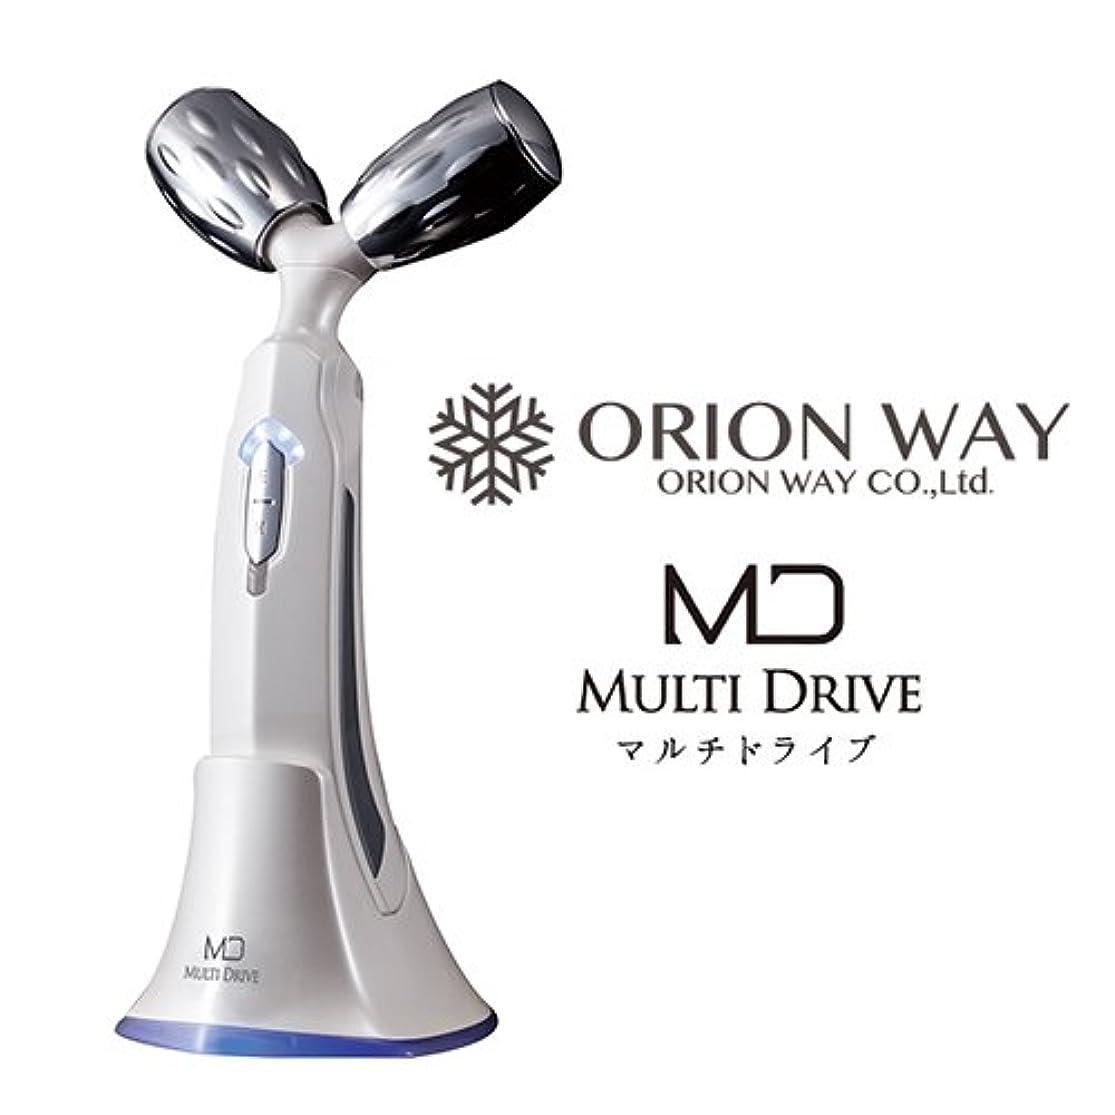 も満了ナイトスポット美容機器 MULTI DRIVE (マルチドライブ)